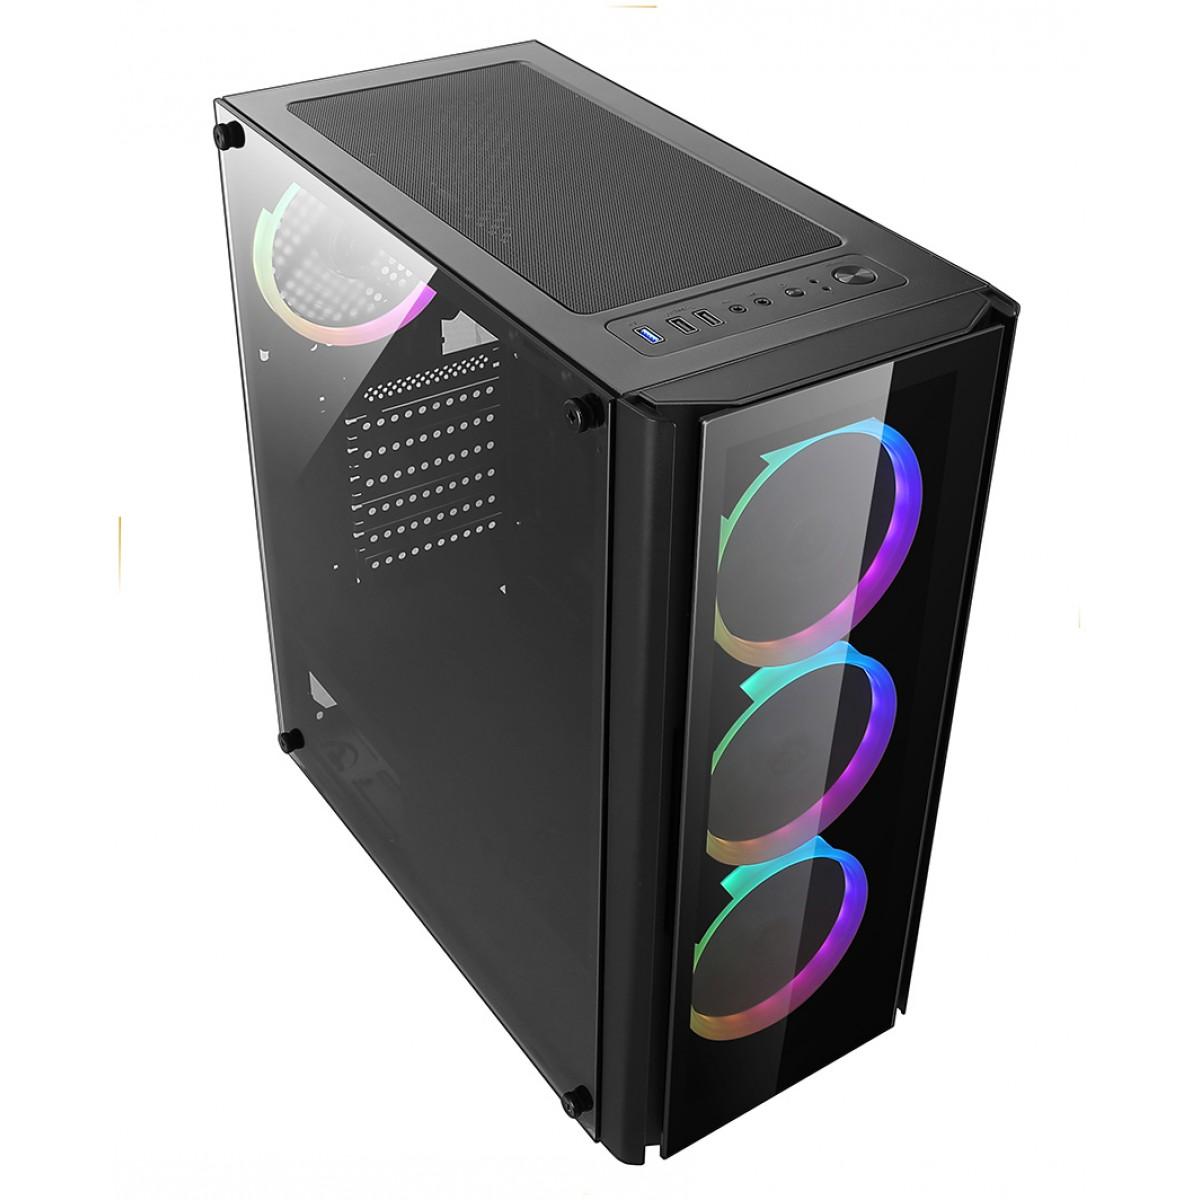 Gabinete Gamer liketec Streamer V2, RGB, Mid Tower, Com 4 Fans, Vidro Temperado, Black, S-Fonte